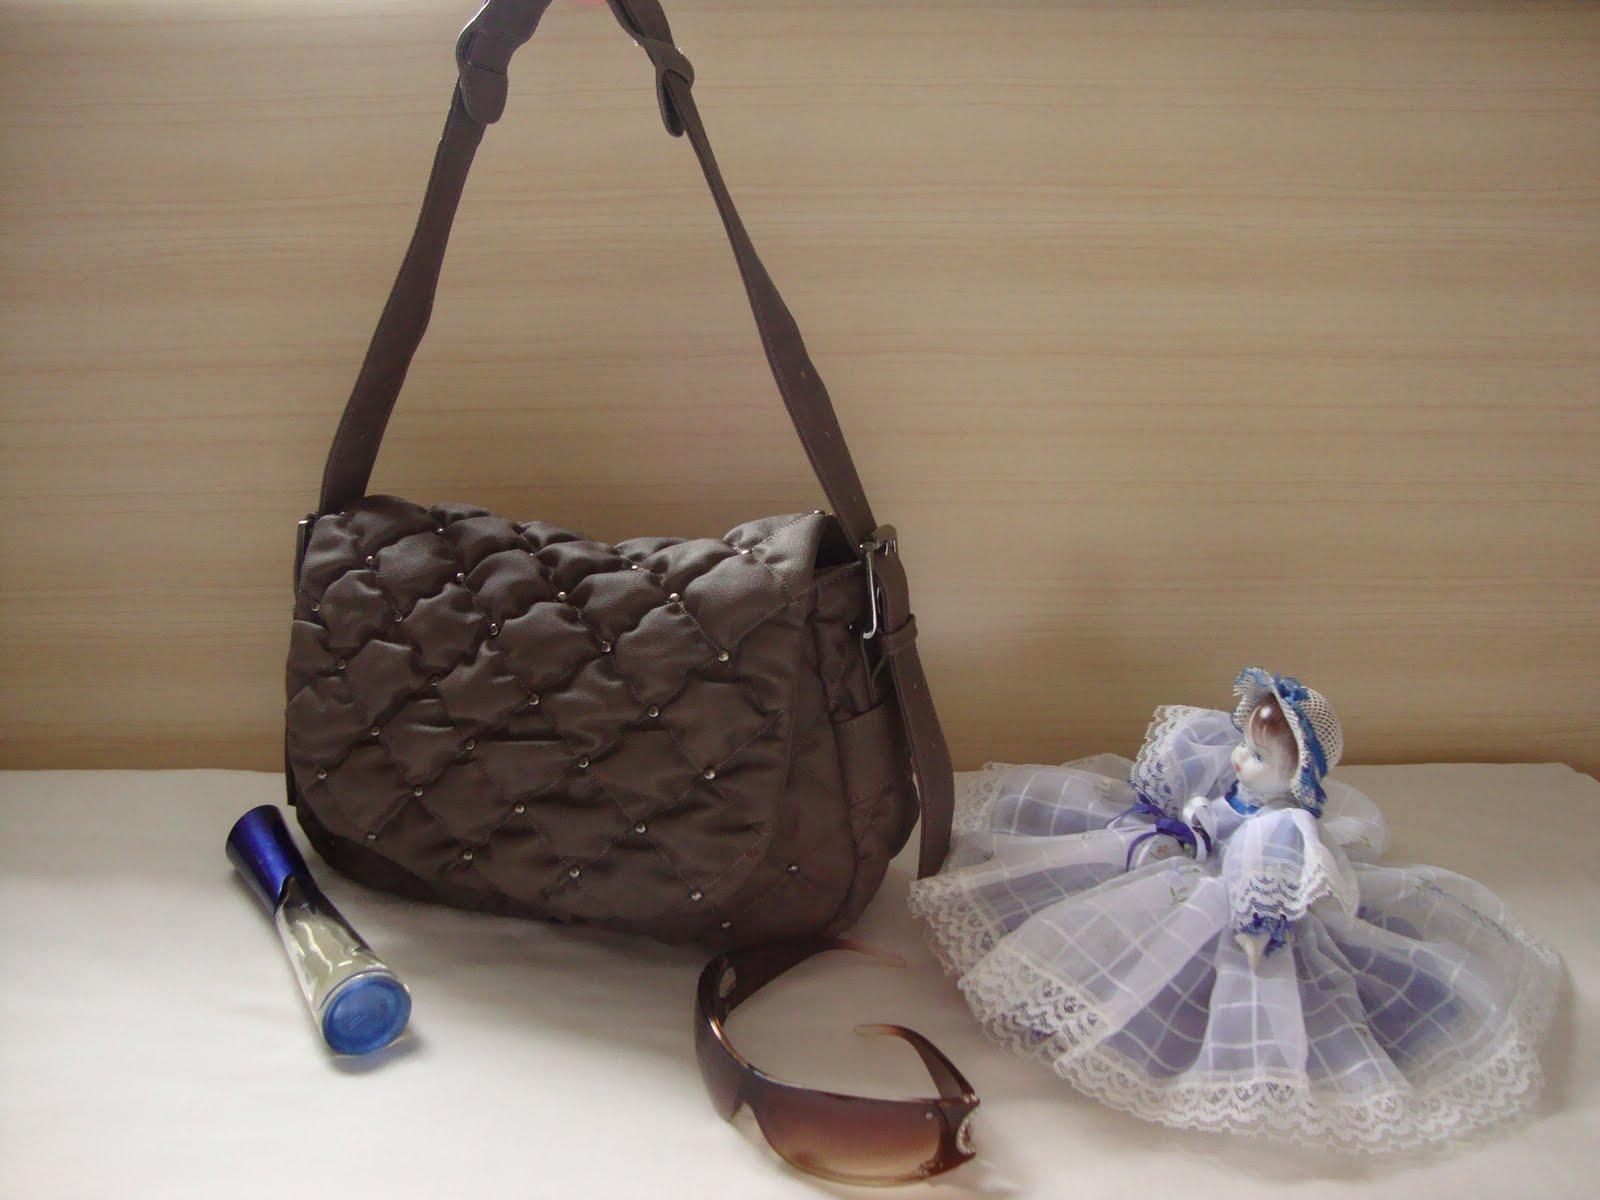 Bolsa Feminina Na Cor Azul : Bolsas moda feminina bolsa na cor caf?